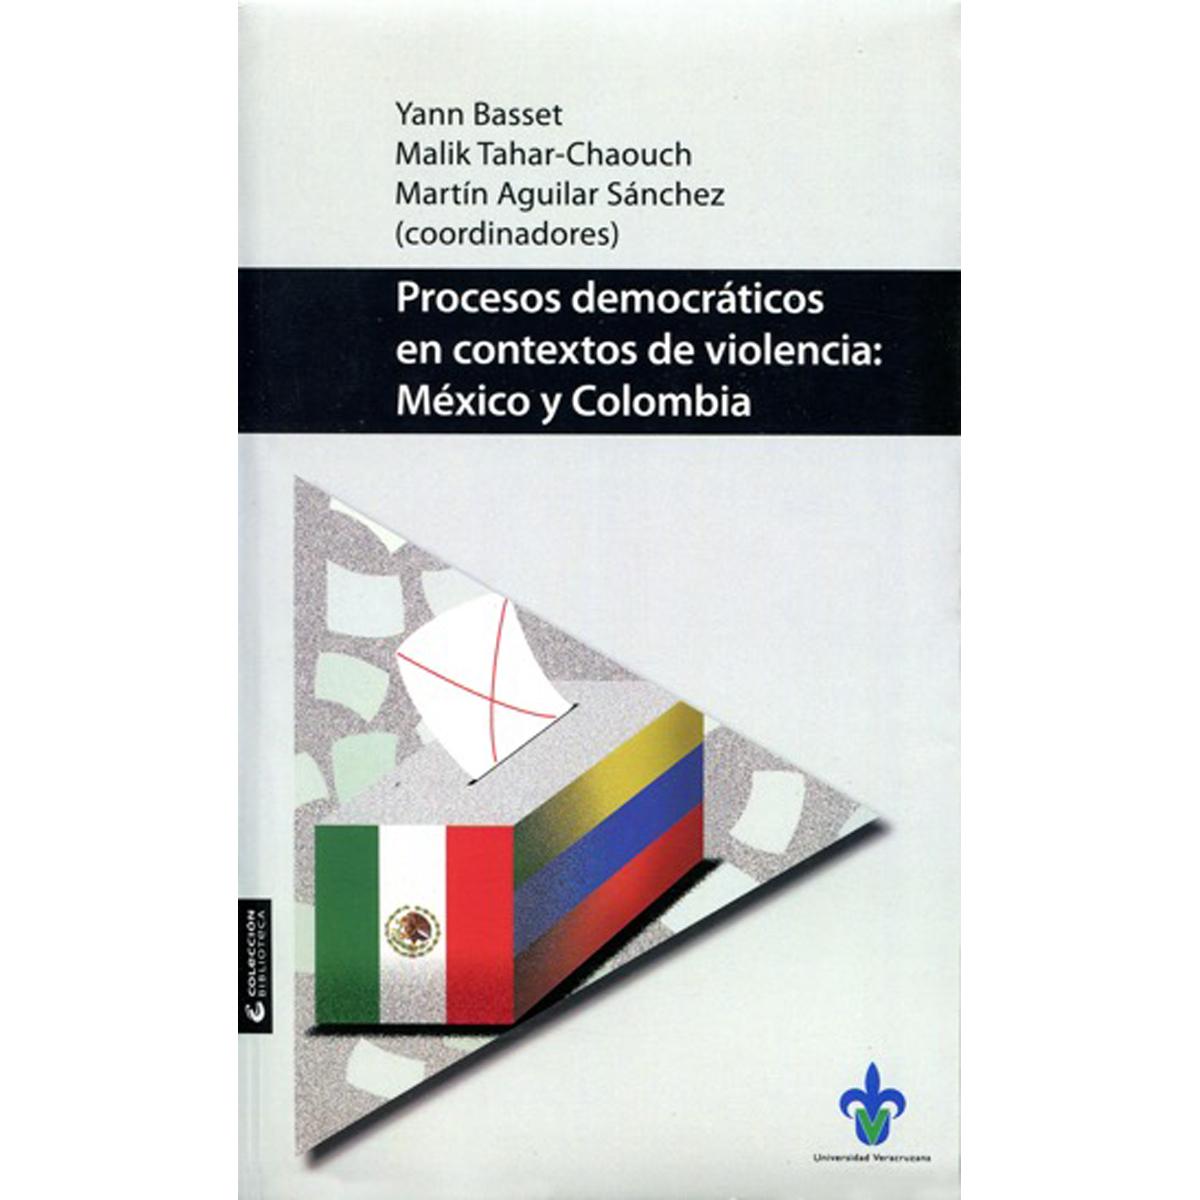 Procesos democráticos en contextos de violencia: México y Colombia